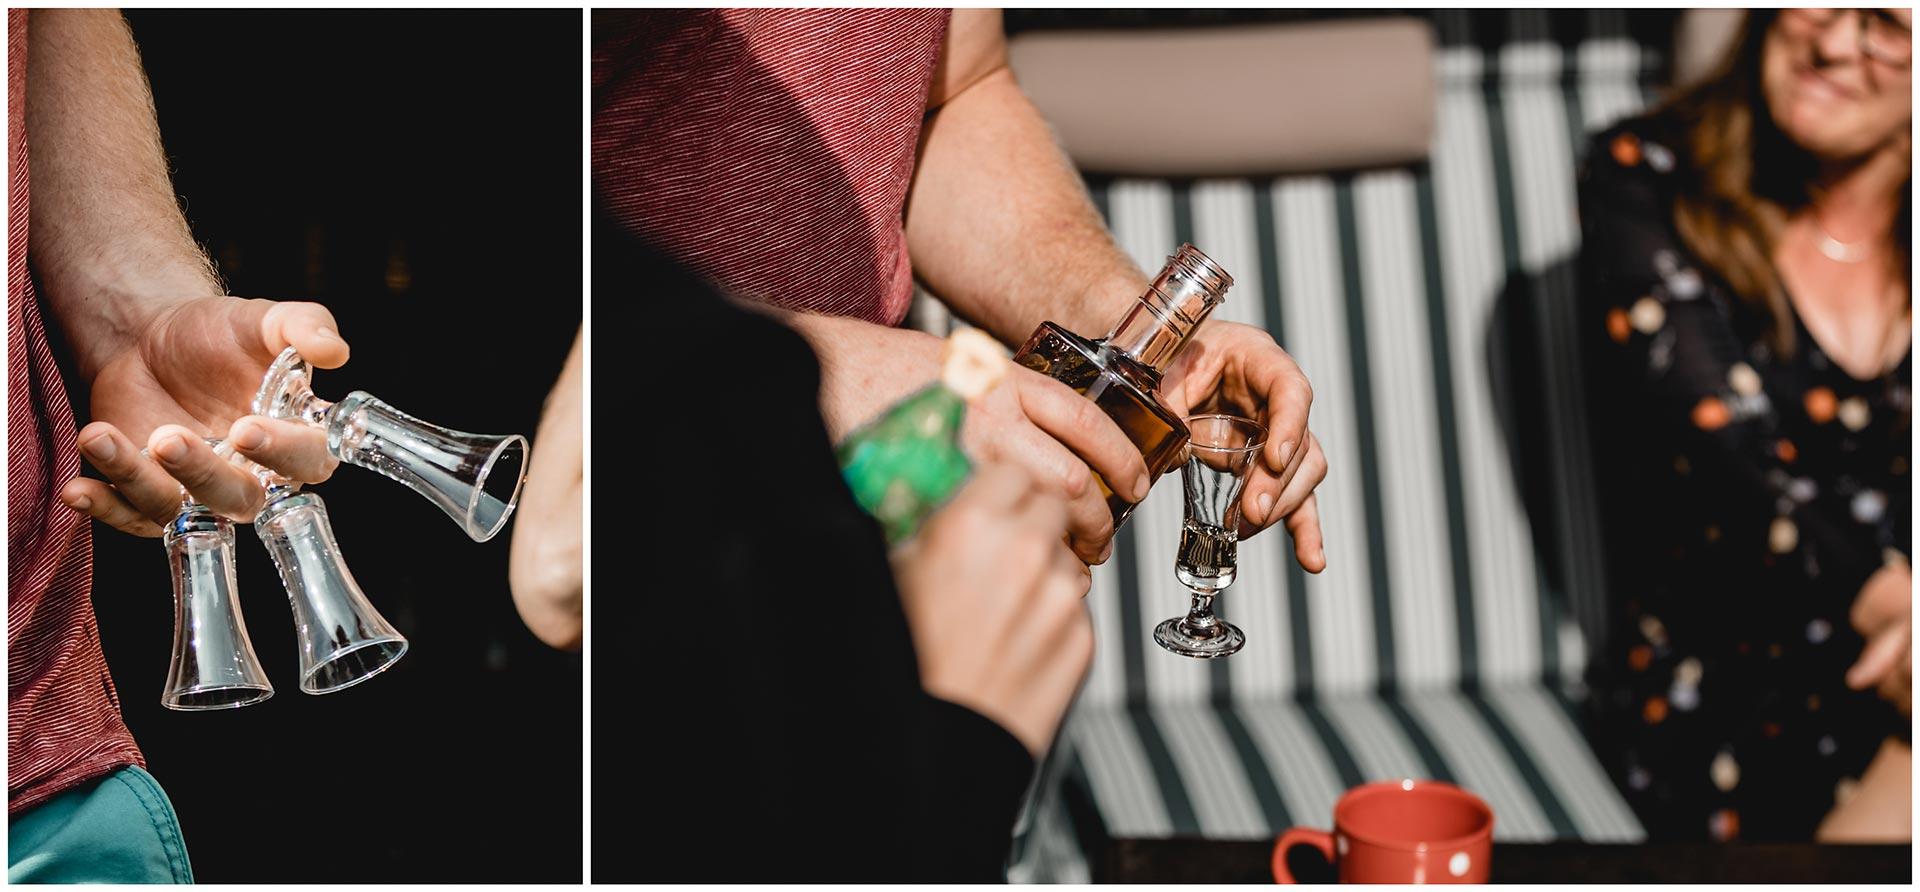 Schnappsgläser, Braut und Bruder trinken einen Schnaps zur Beruhigung - Hochzeitsfotograf in Teterow